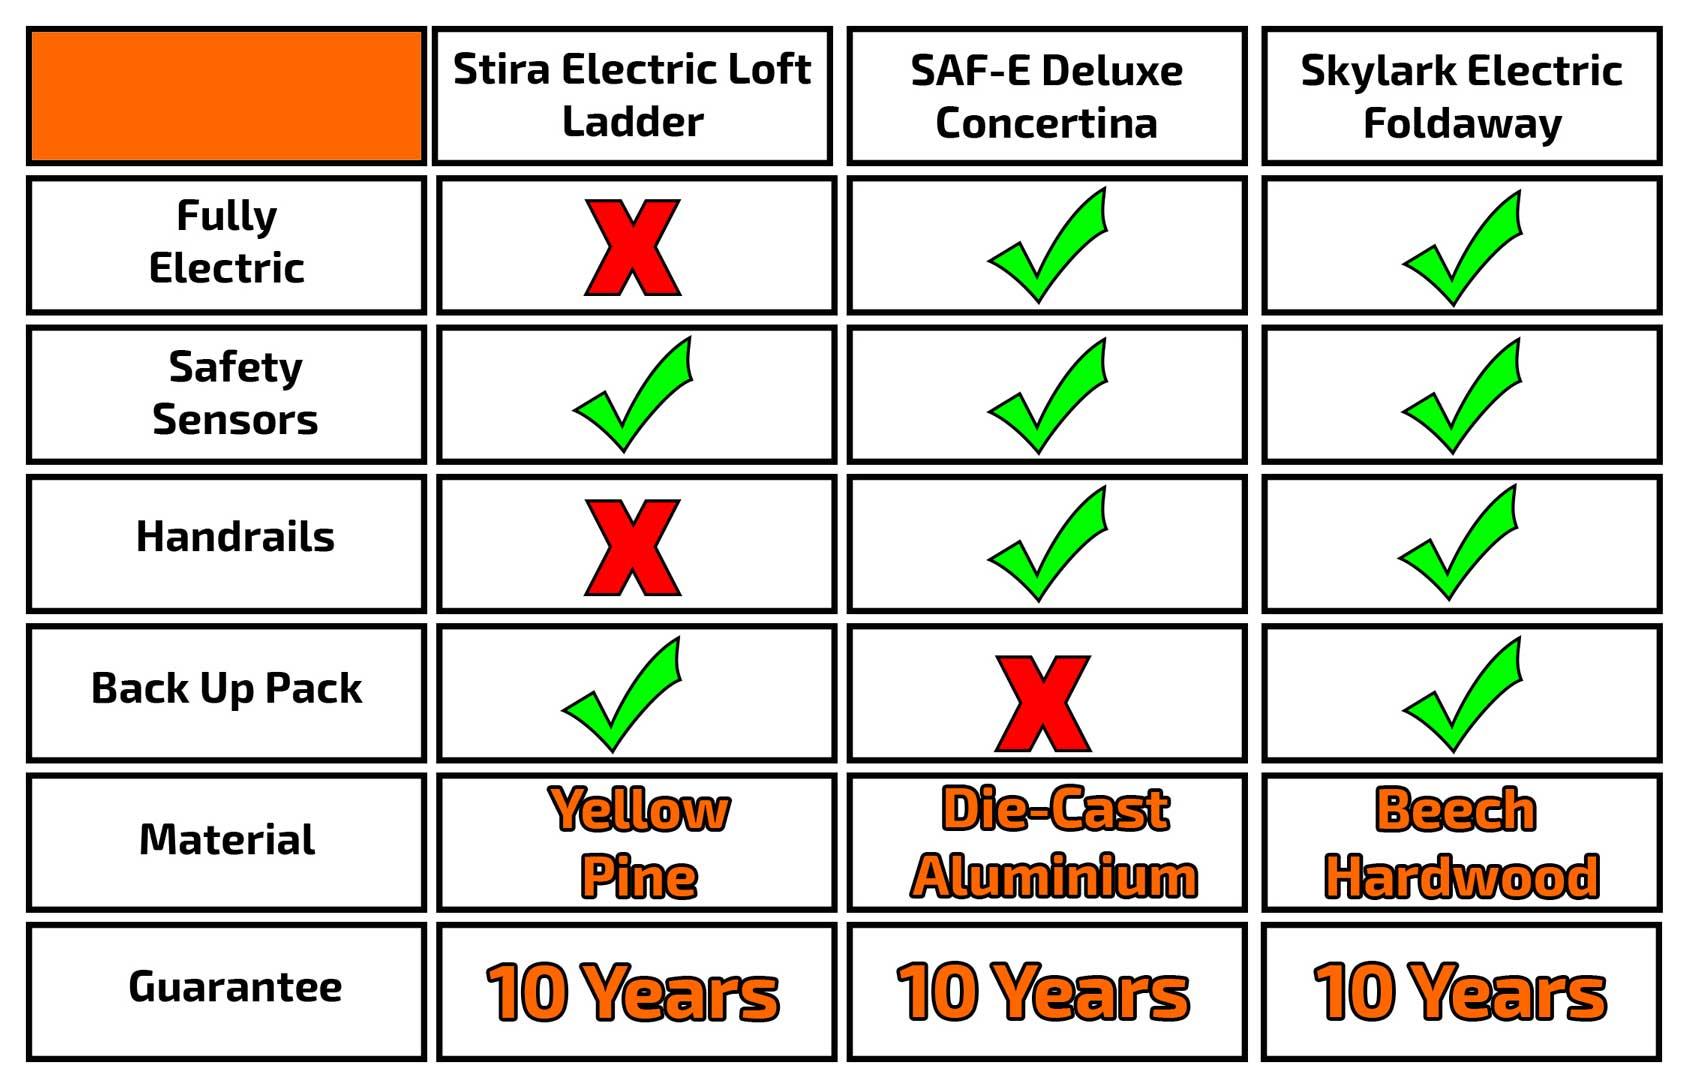 Electric Loft Ladder Comparison